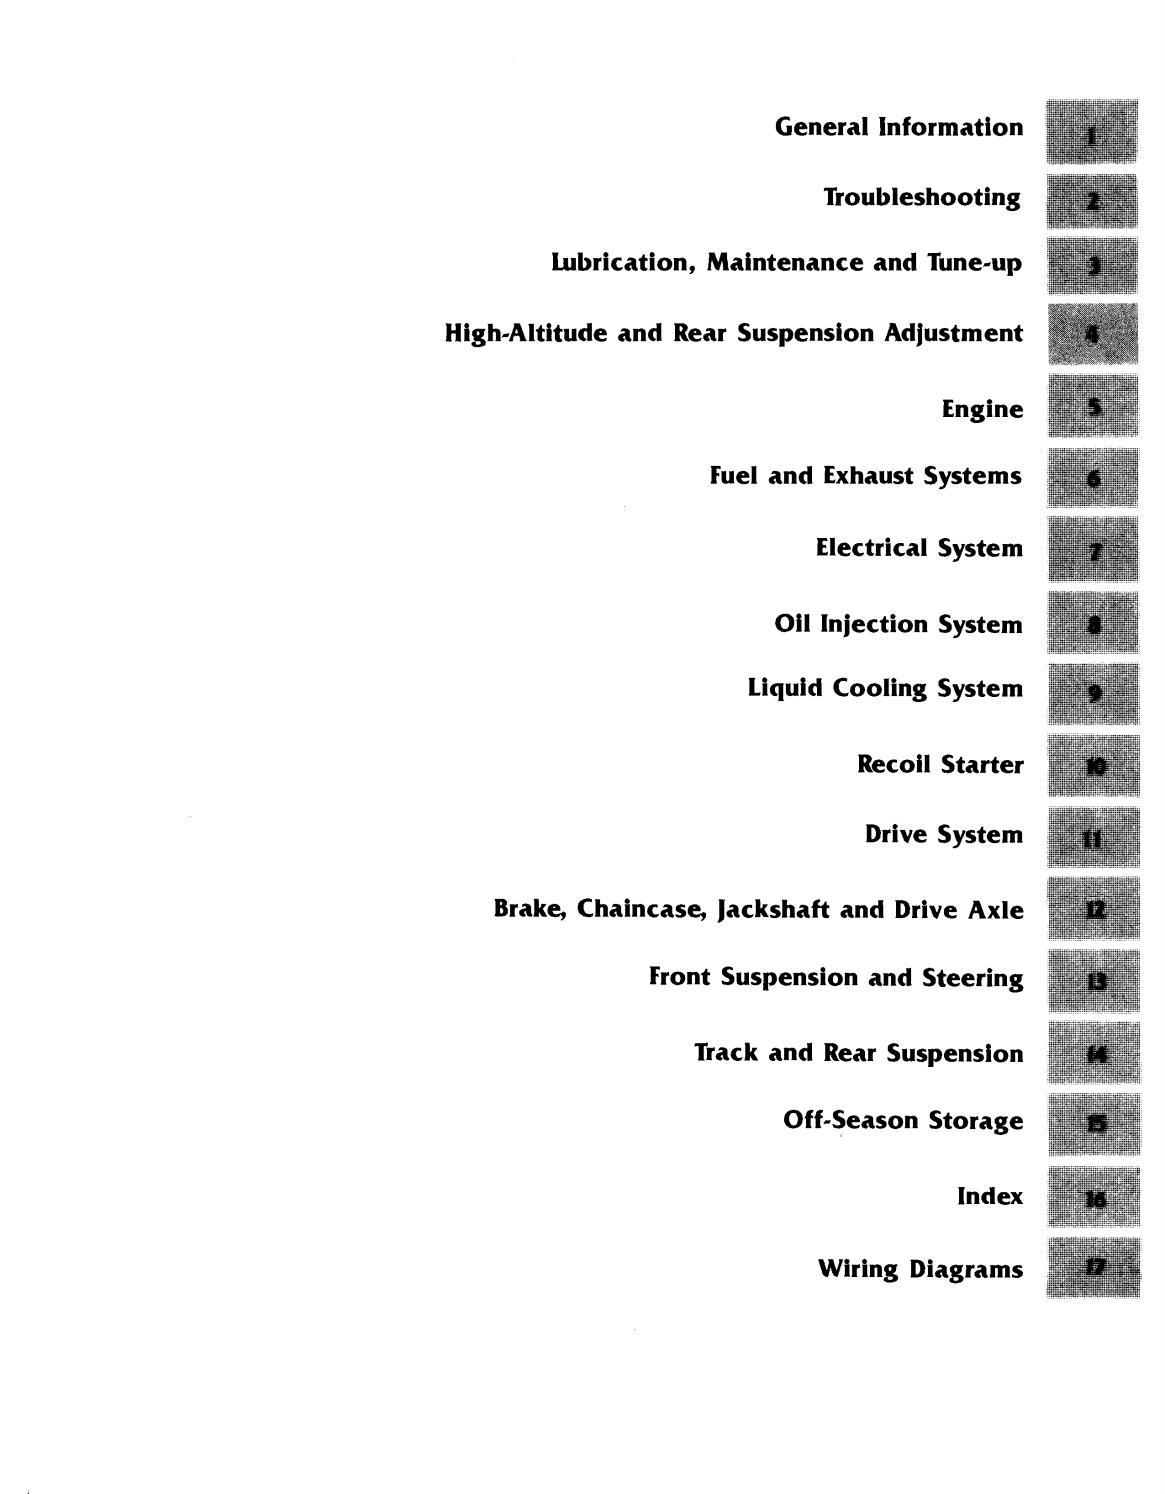 1985-1989 Ski Doo Snowmobile Repair Manual - PDF DOWNLOAD by ...